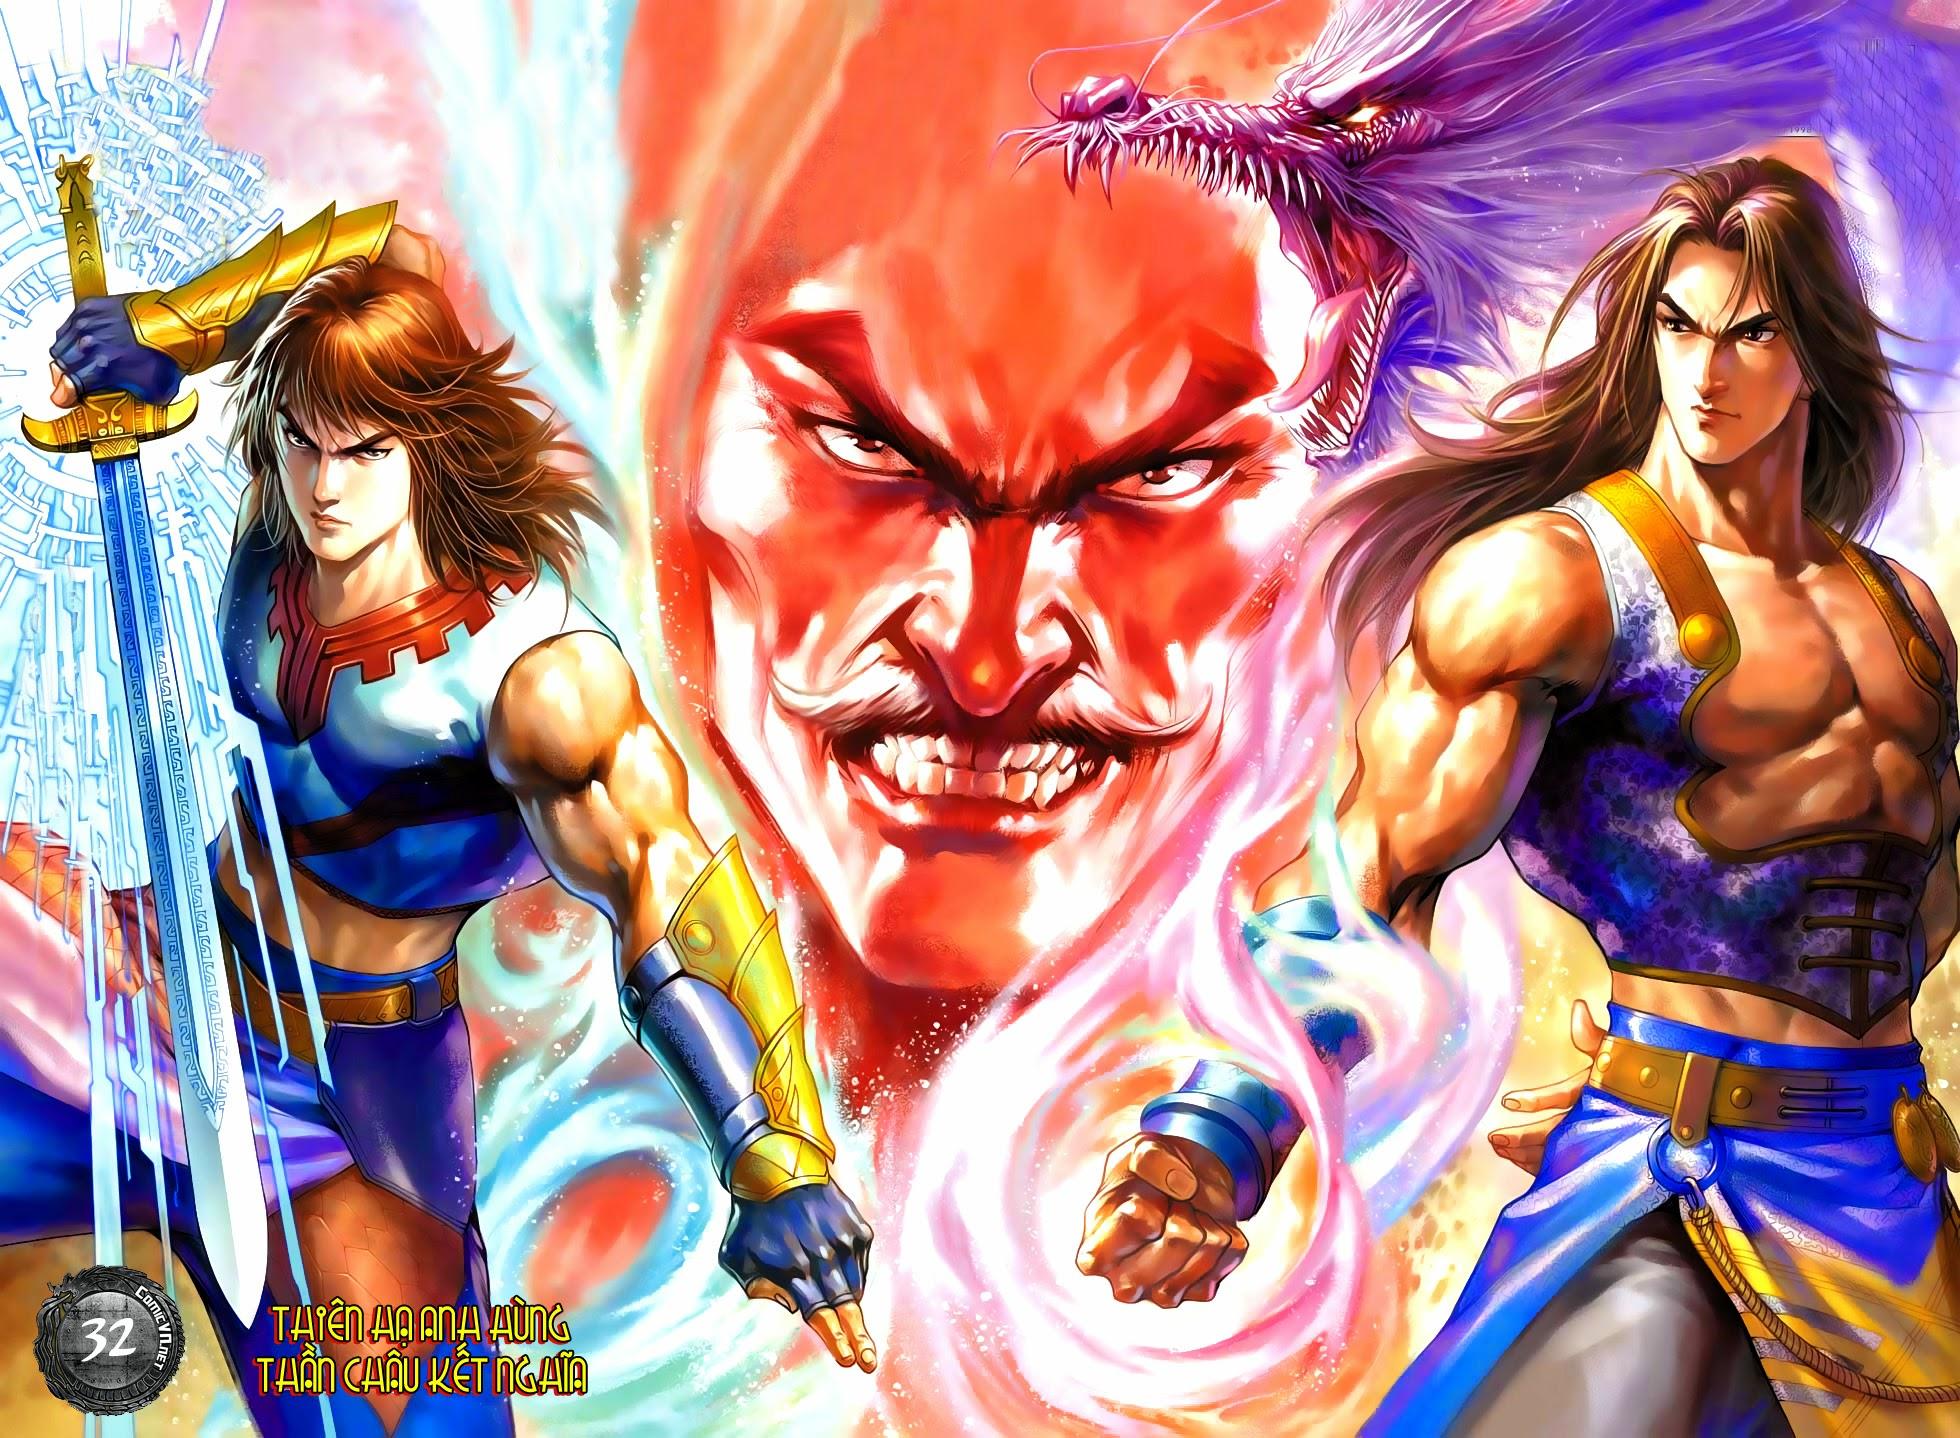 Thần Châu Kỳ Hiệp chap 32 – End Trang 1 - Mangak.info